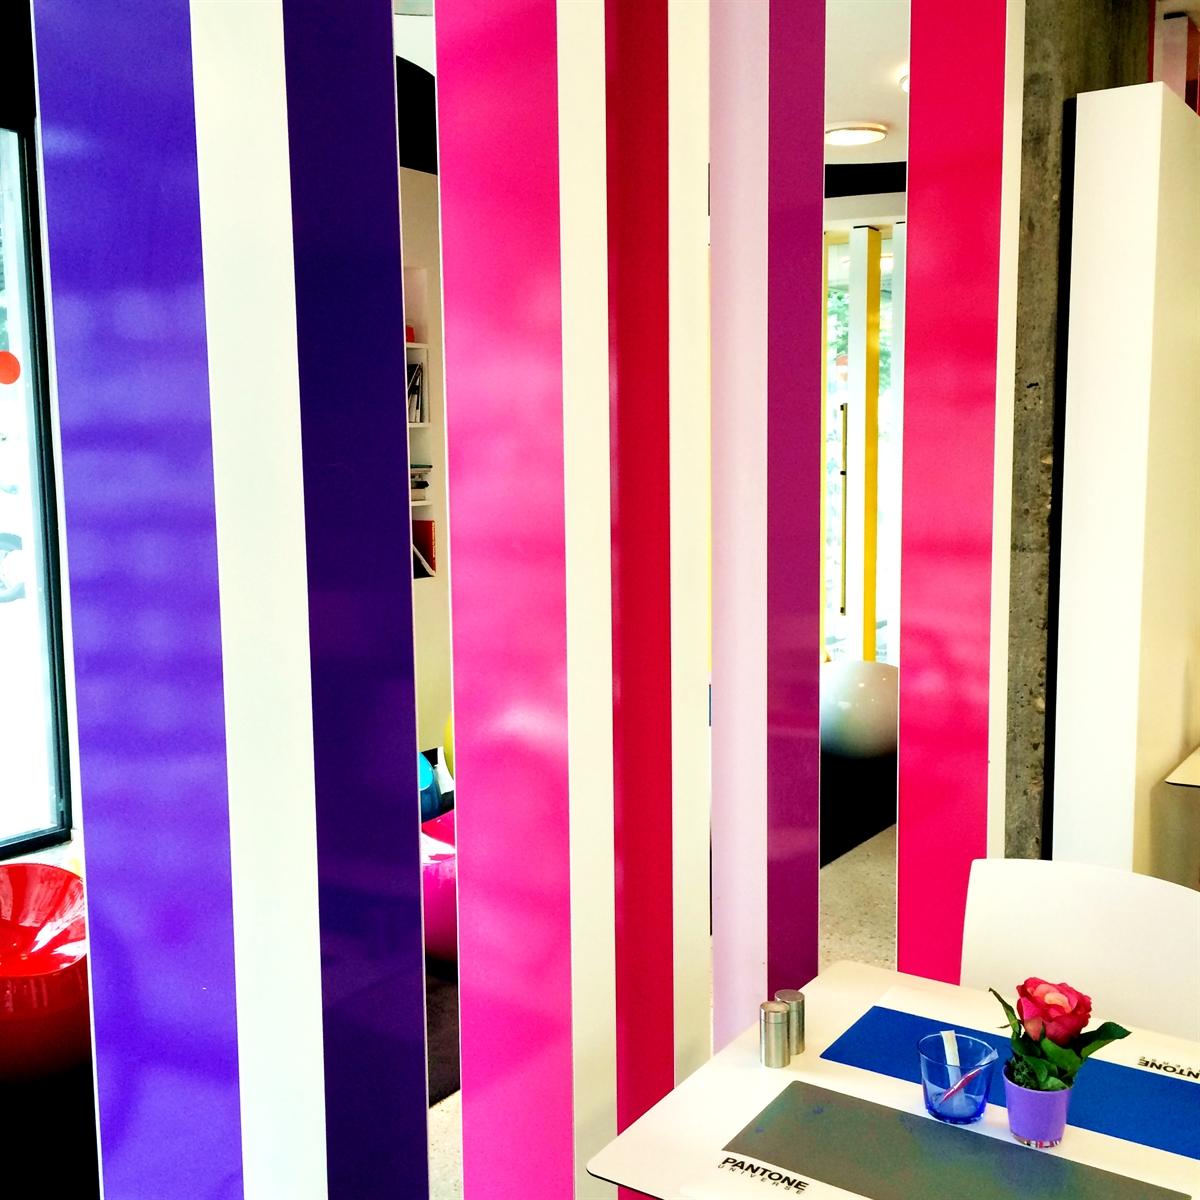 7 pantone hotel brussels design september colorful interior design modern apartment kolory we wnetrzach forelementsblog